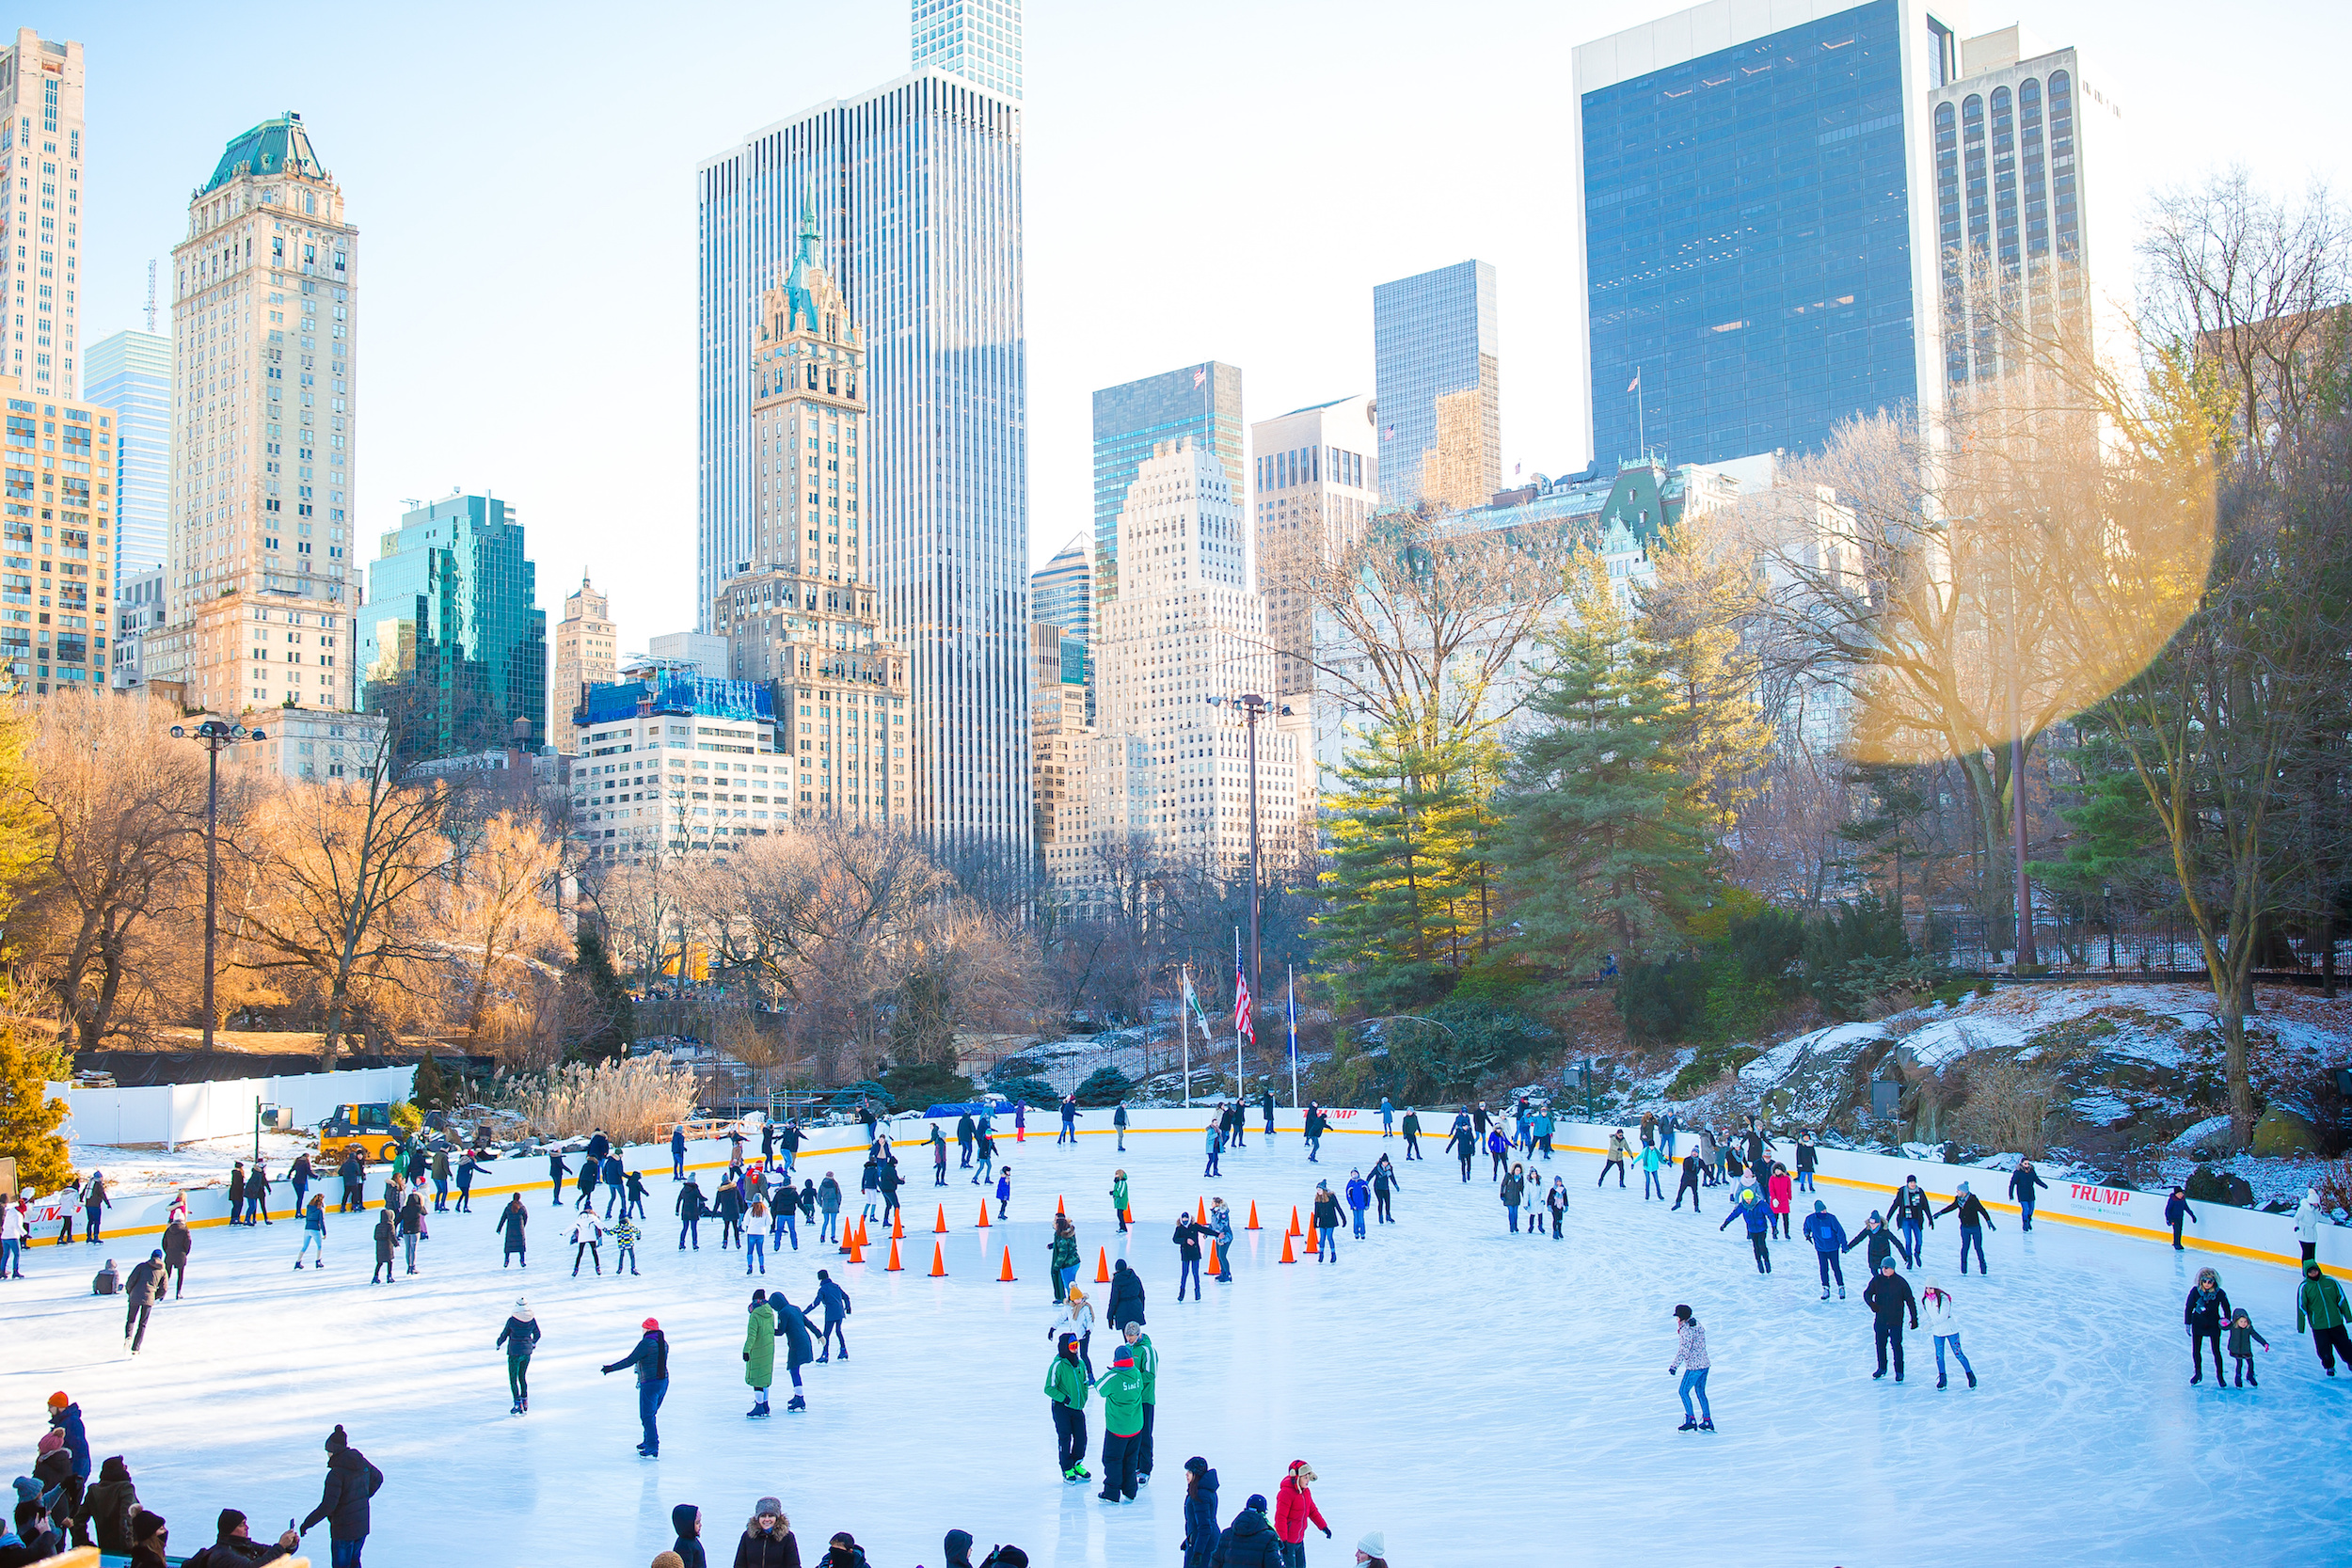 Ice skaters having fun in New York Central Park in winter